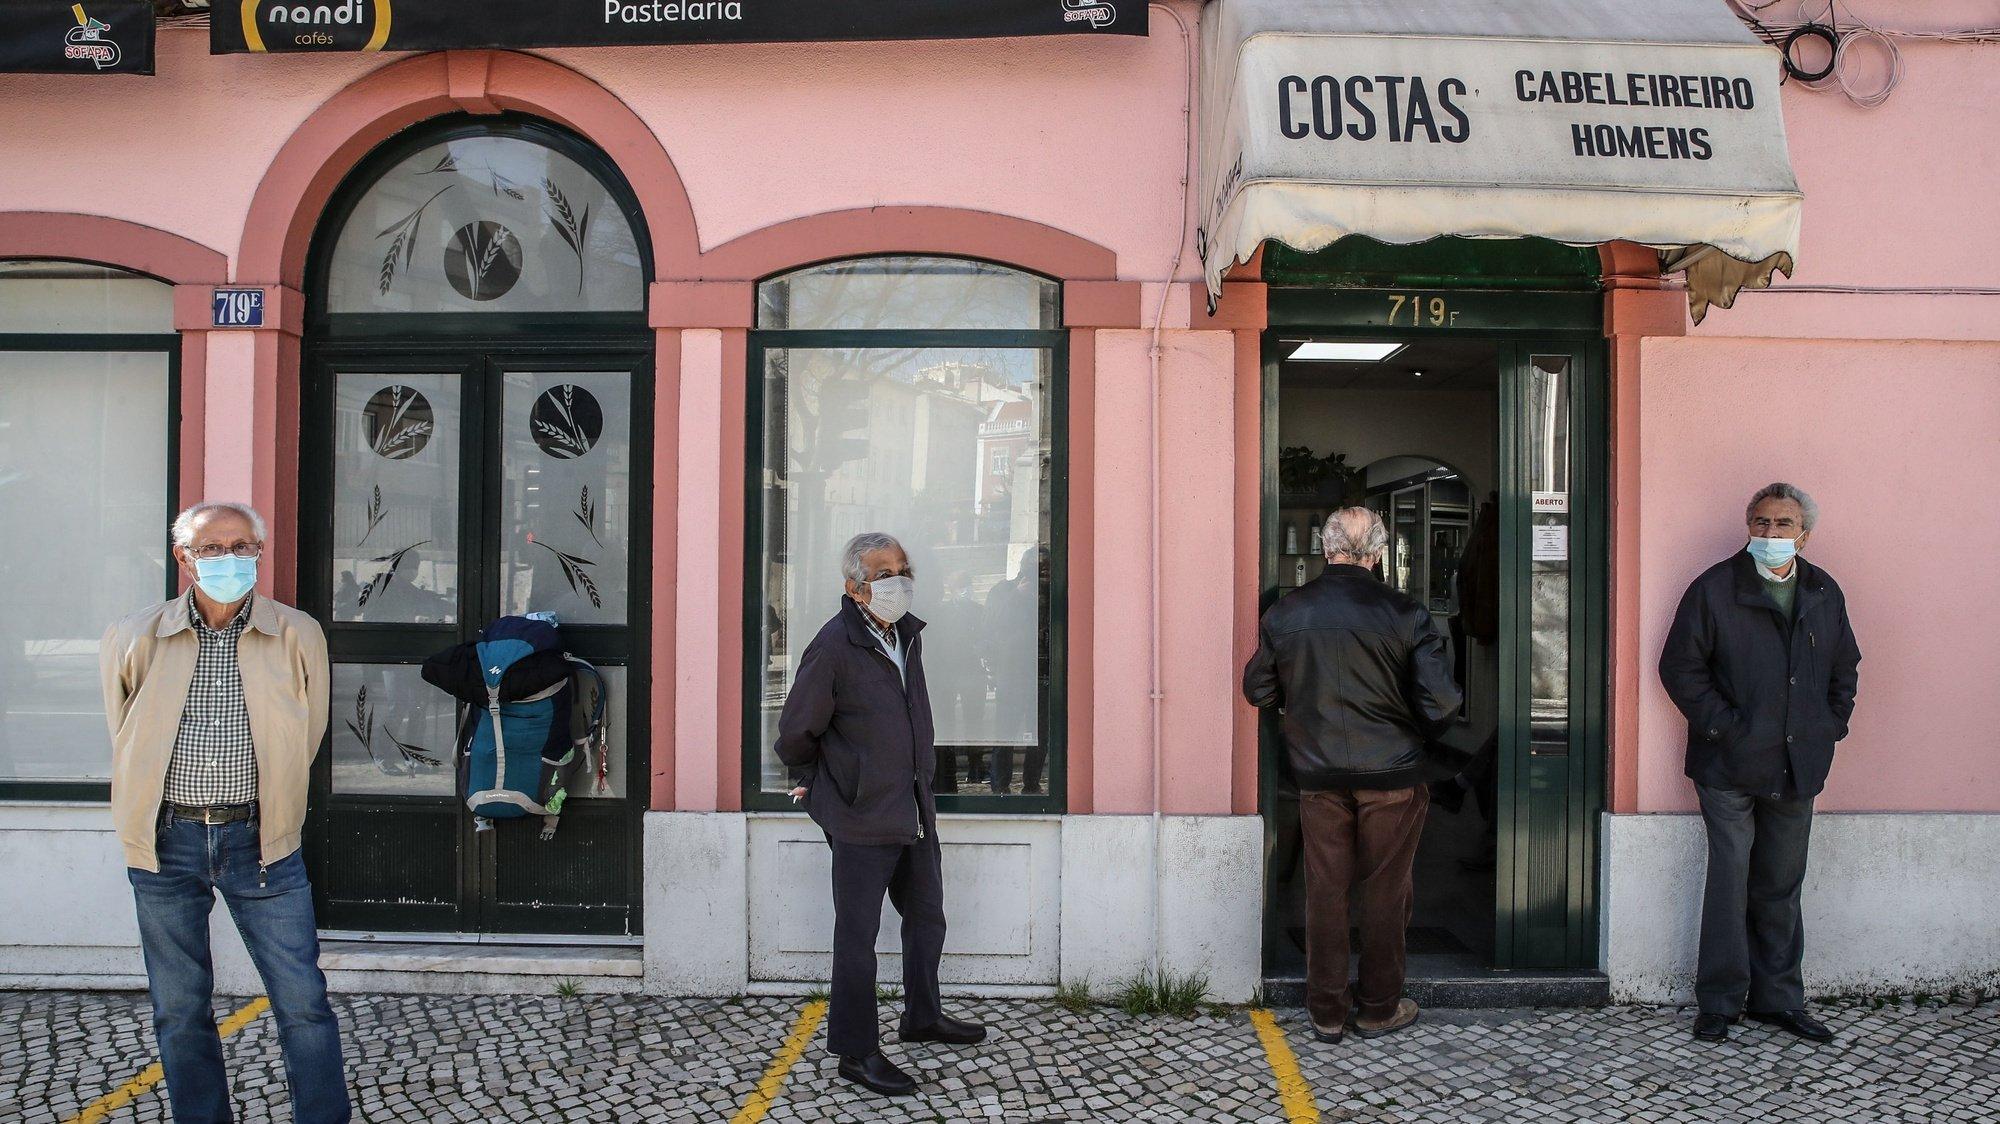 Populares aguardam a vez frente a uma barbearia após a reabertura de comércio não-essencial e cabeleireiros fechado anteriormente após novo decreto do Estado de Emergência devido à covid-19, Lisboa, 15 março 2021.  MANUEL DE ALMEIDA / LUSA